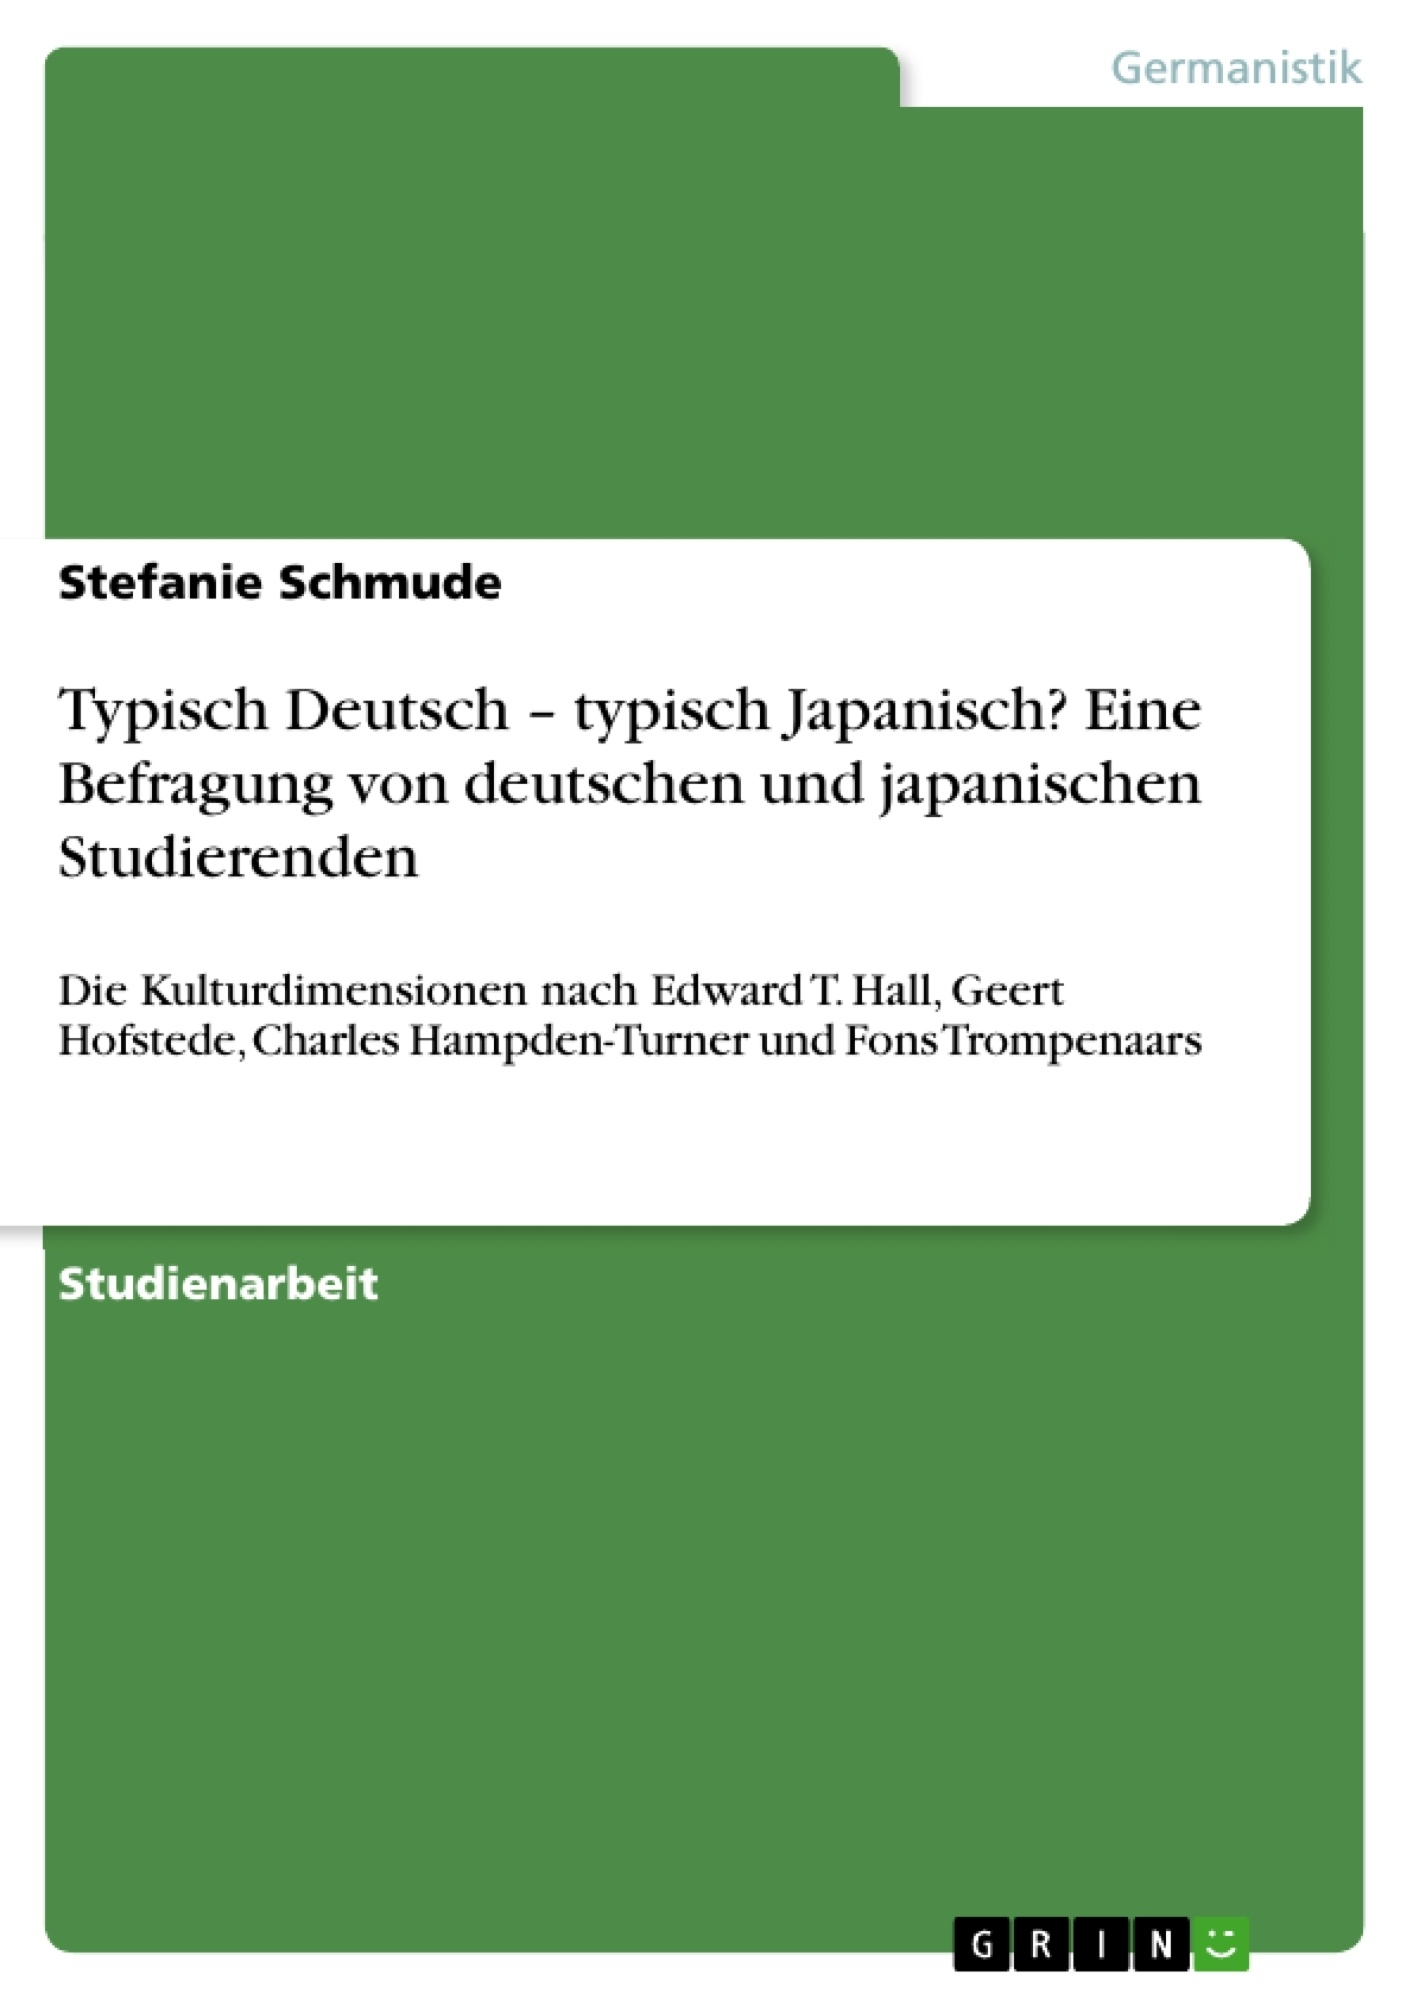 Titel: Typisch Deutsch – typisch Japanisch? Eine Befragung von deutschen und japanischen Studierenden